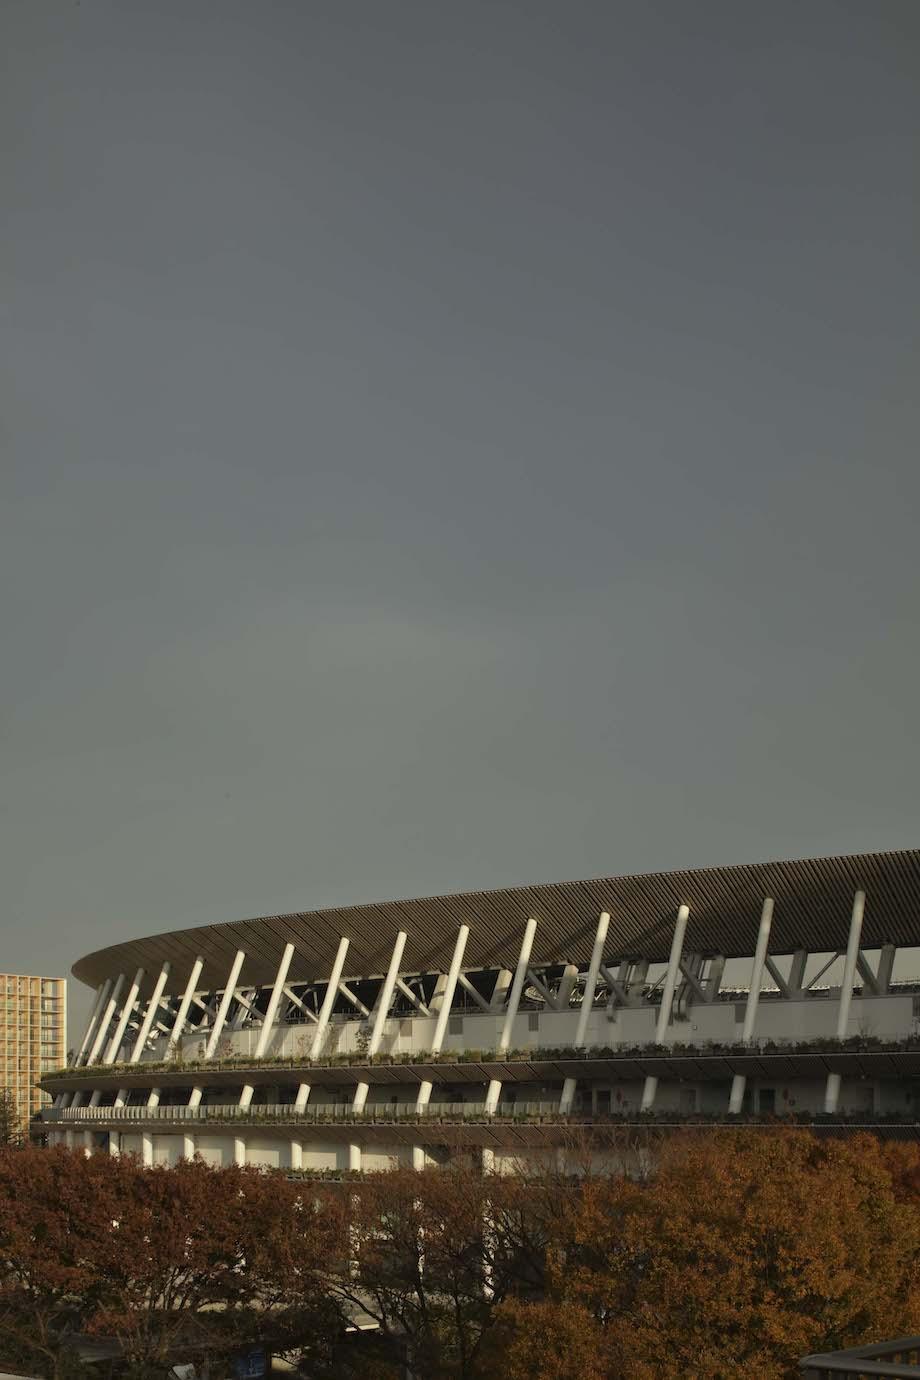 隈研吾建築都市設計事務所〈国立競技場〉